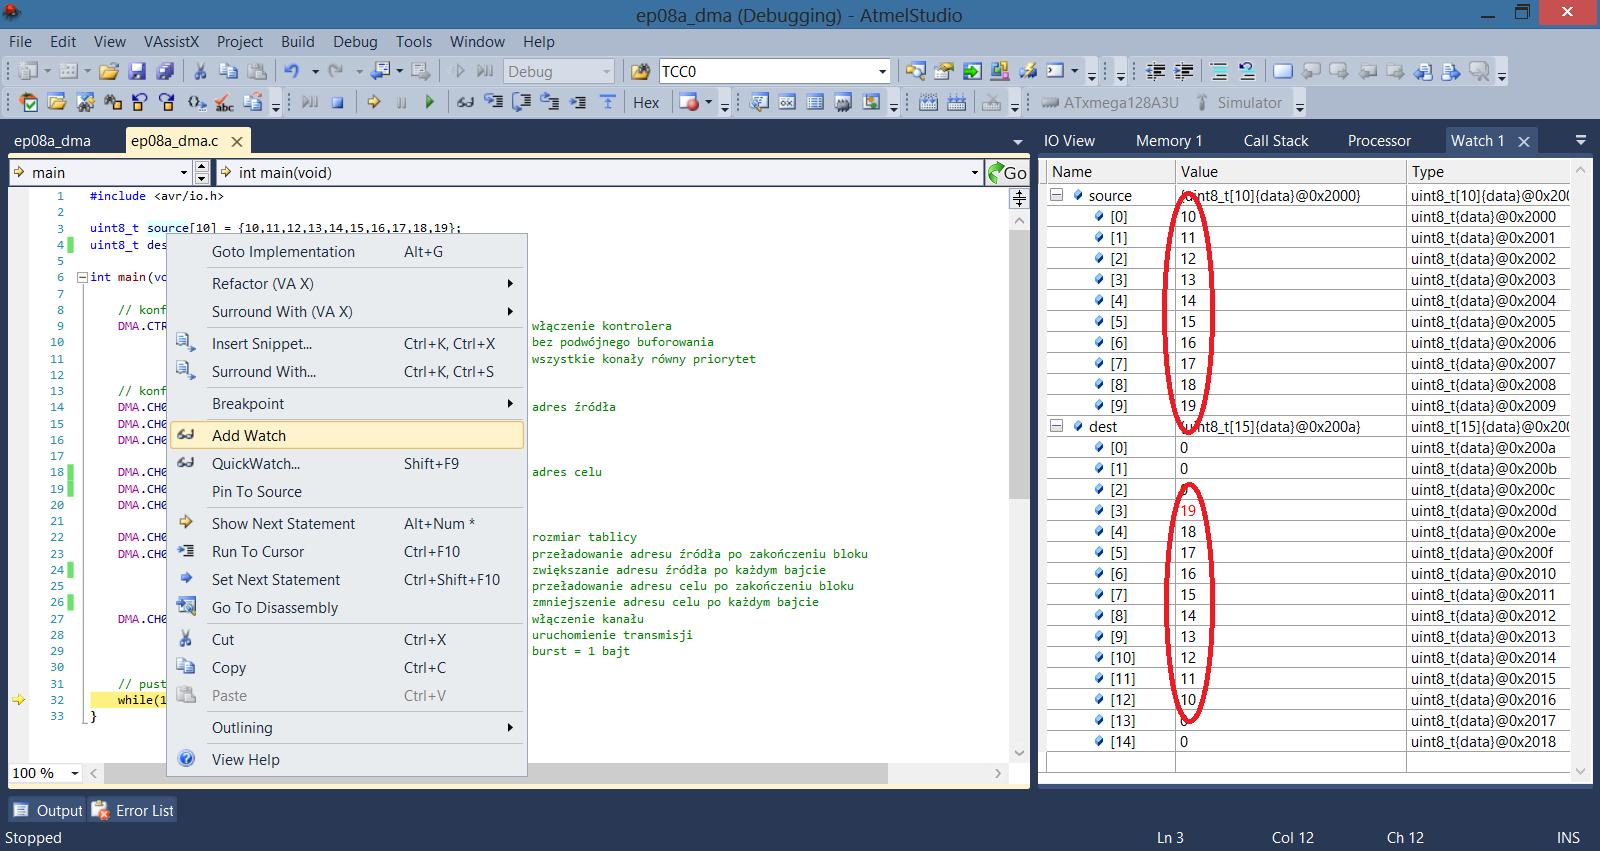 Symulacja układu DMA przesyłanie danych do tablicy